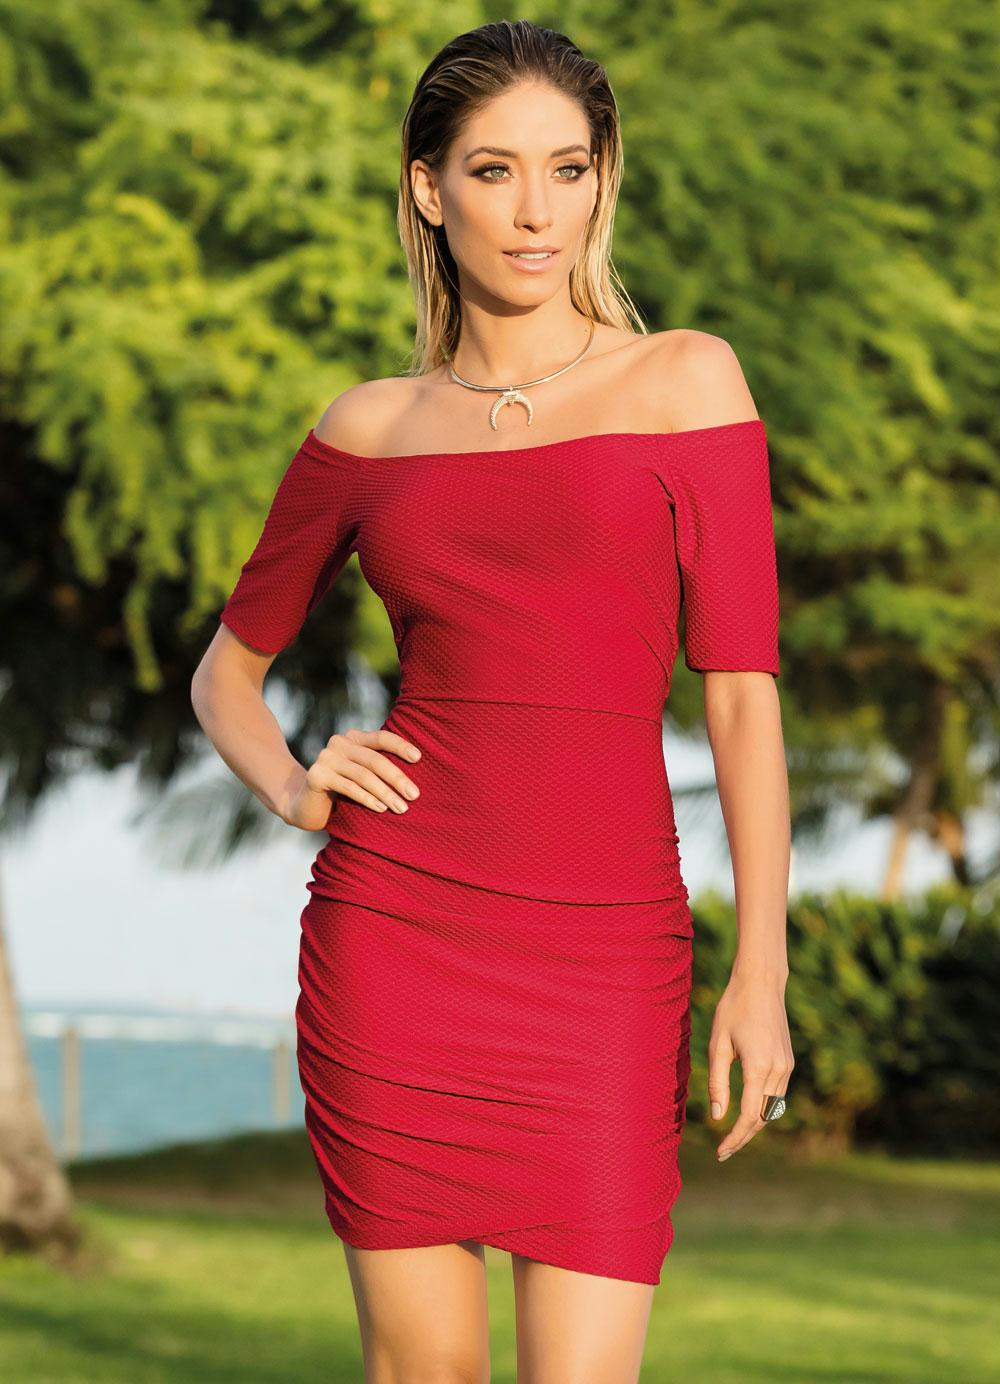 b13fb322a Vestido Quintess Vermelho Decote Ombro a Ombro - Quintess